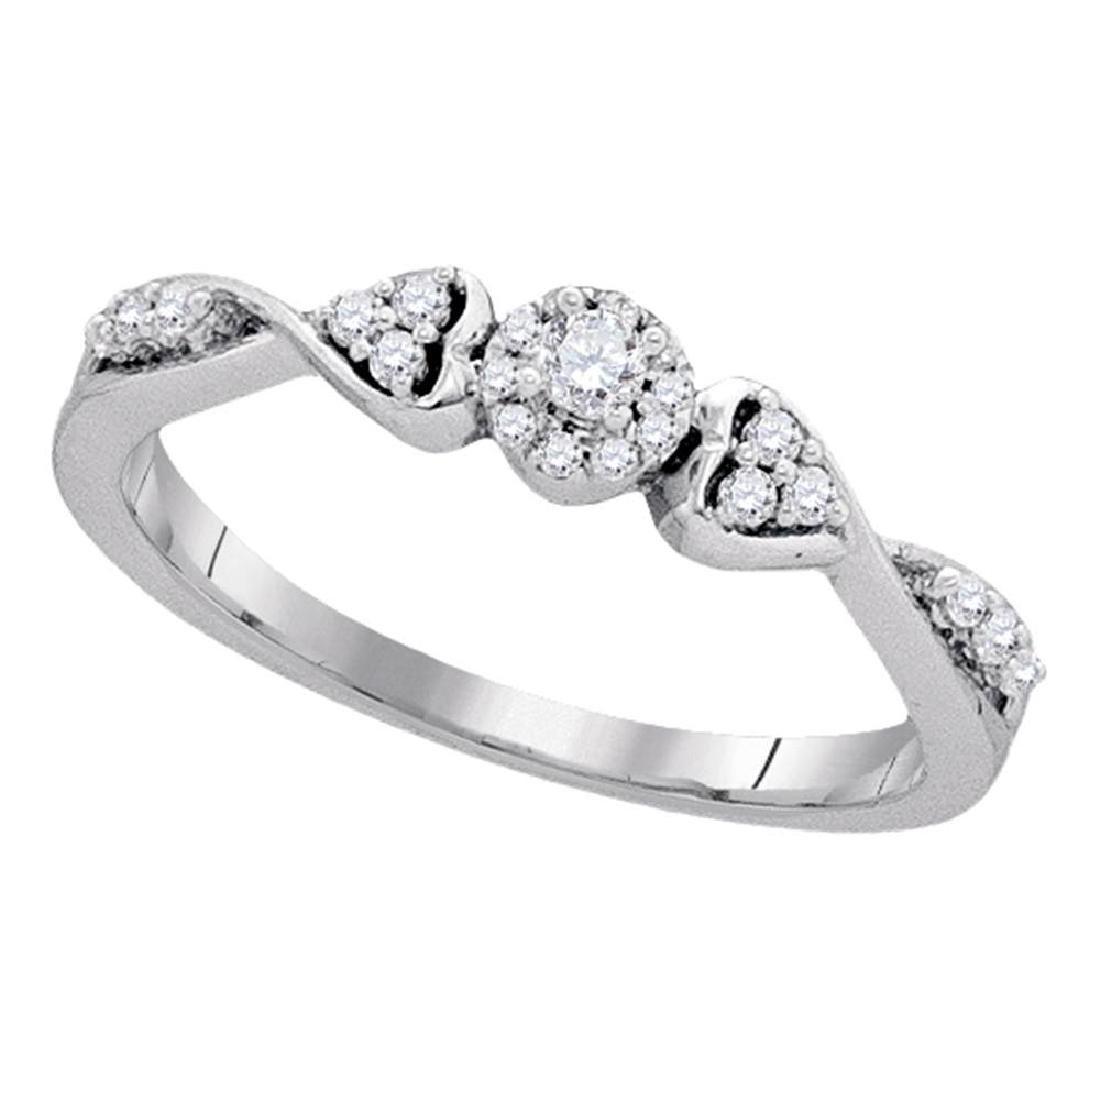 0.20 CTW Diamond Cluster Promise Bridal Ring 10KT White